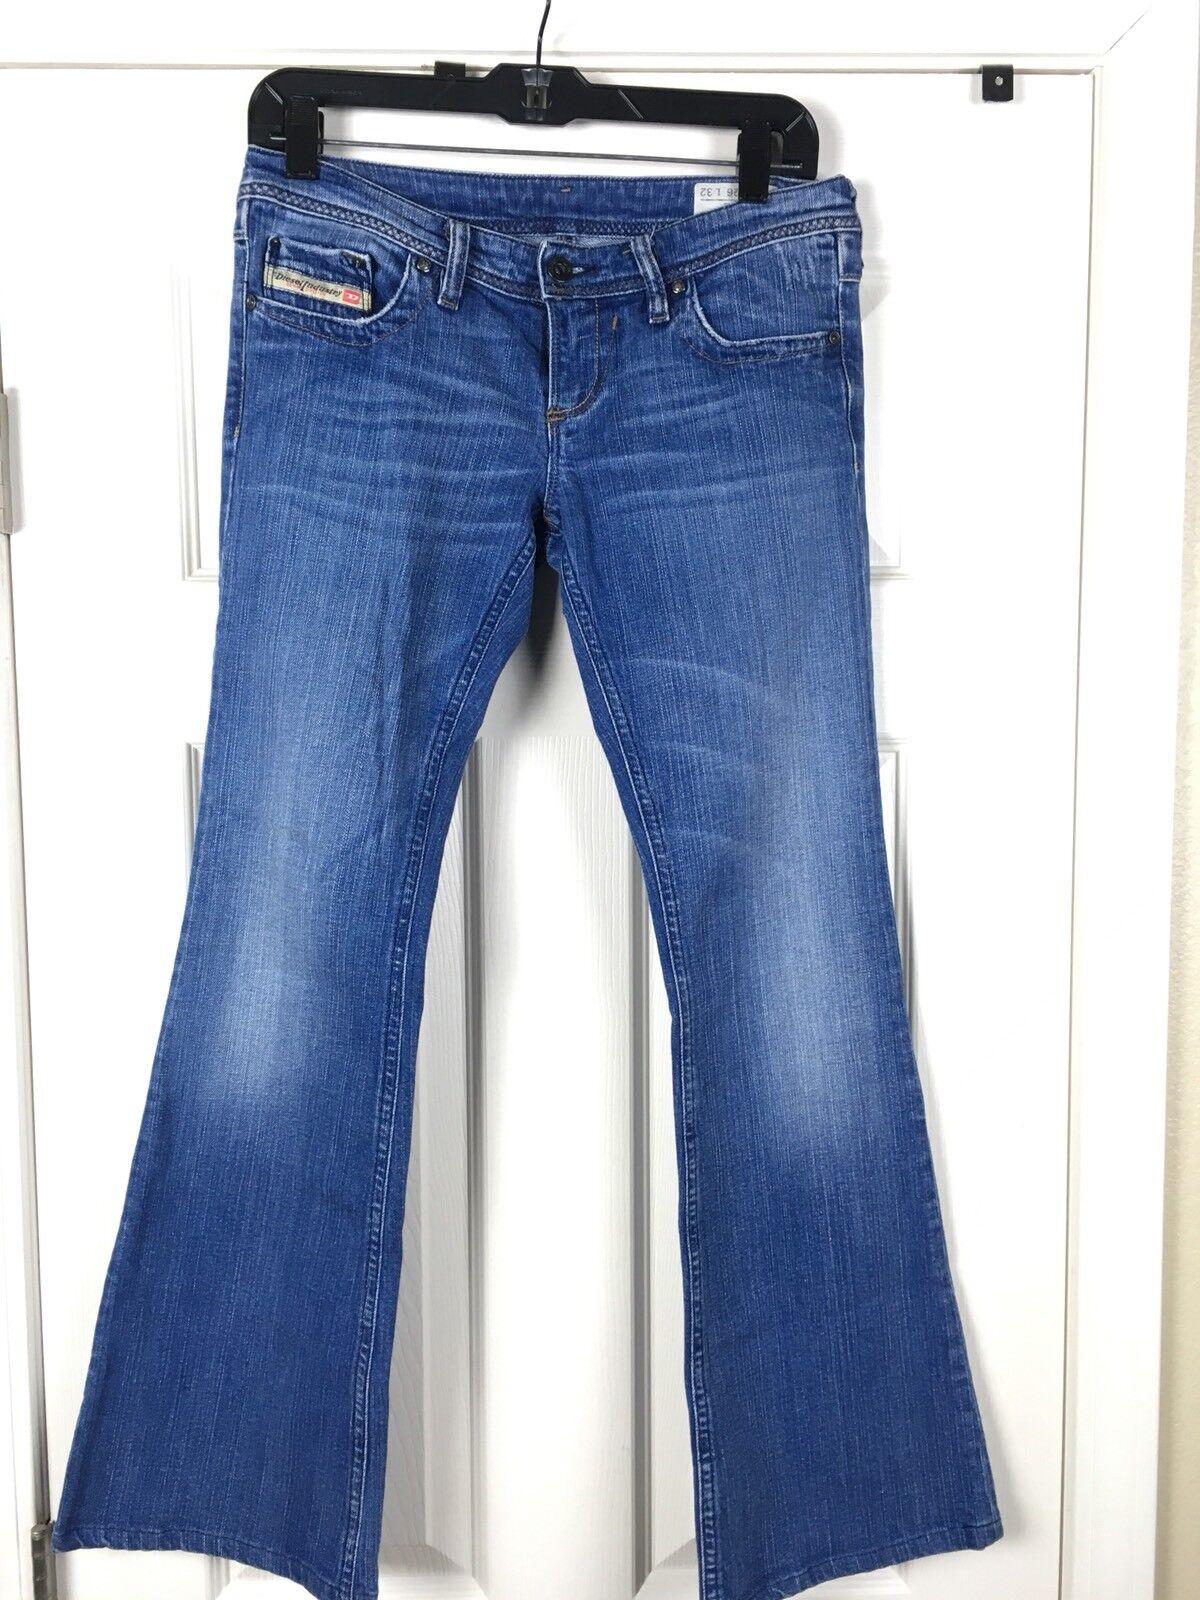 Diesel Jean Womens Size 26 Flare Legs Light bluee Wash Jeans A0042